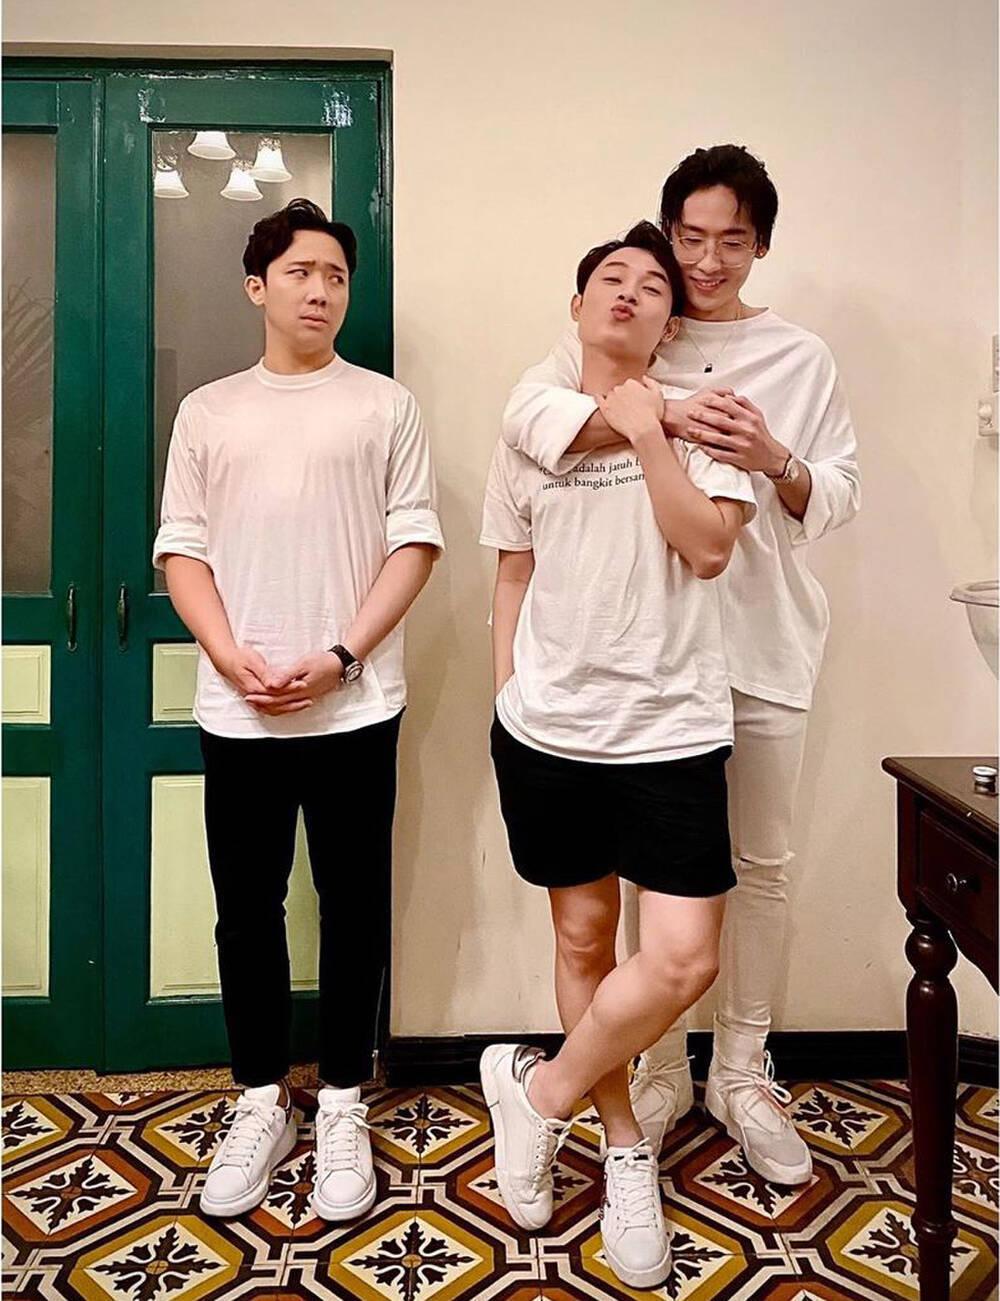 Động thái đầu tiên của Trúc Nhân giữa nghi vấn 'nghỉ chơi' với Ali Hoàng Dương khiến hội sao Việt chú ý Ảnh 5